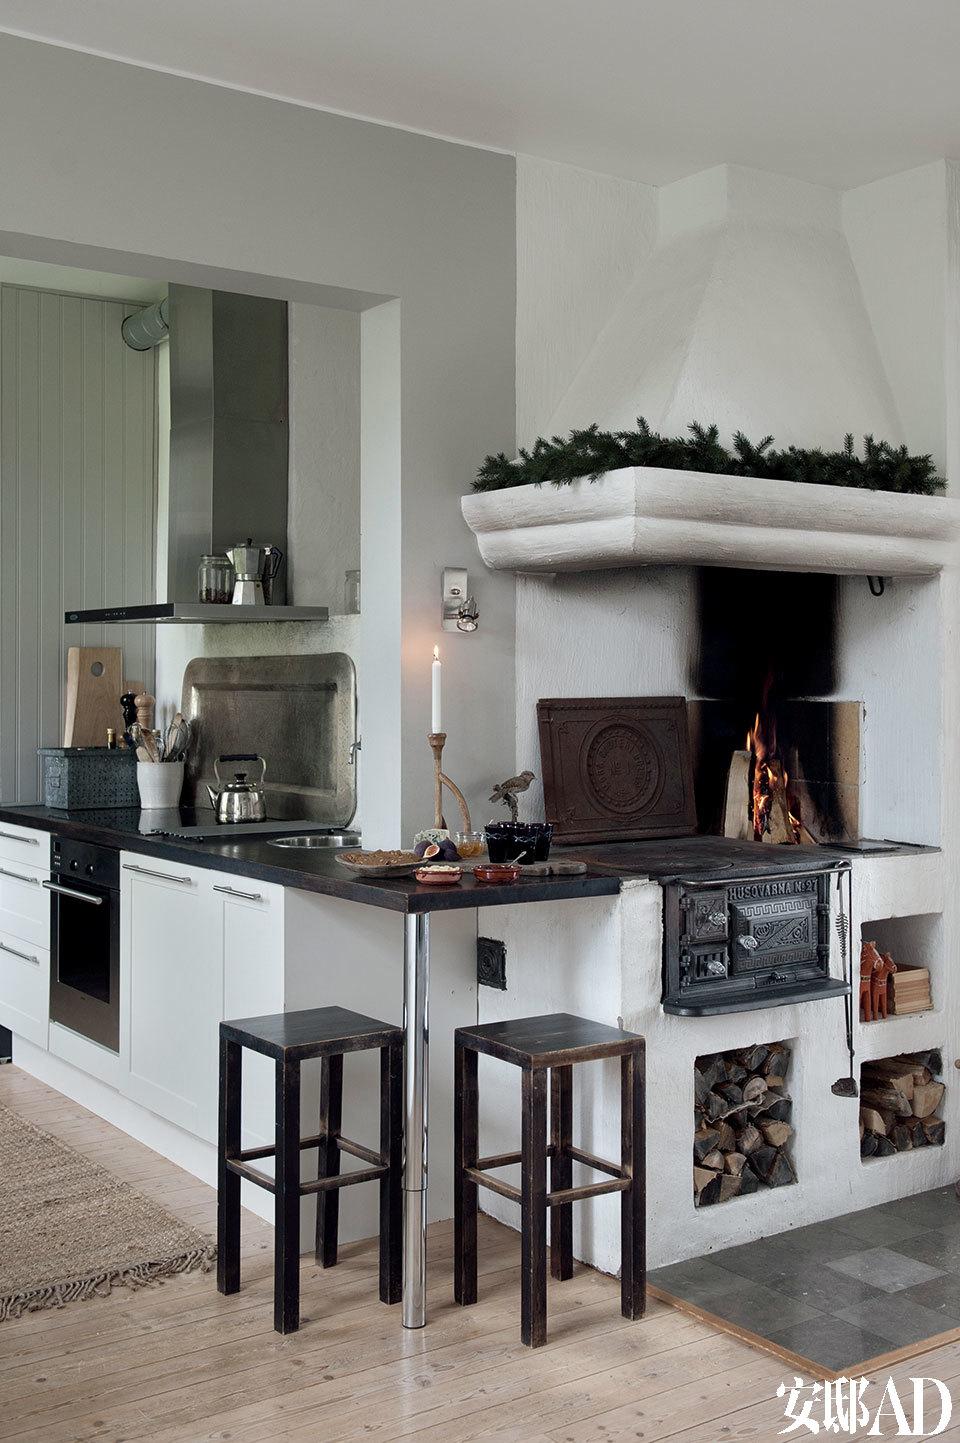 重新改建的老旧木制火炉成了厨房的核心,厨房里的细木家具来自Marbodal,橱柜上的操作面被漆成了黑色是为了配合Ylva父亲Ove曾制作的托盘。